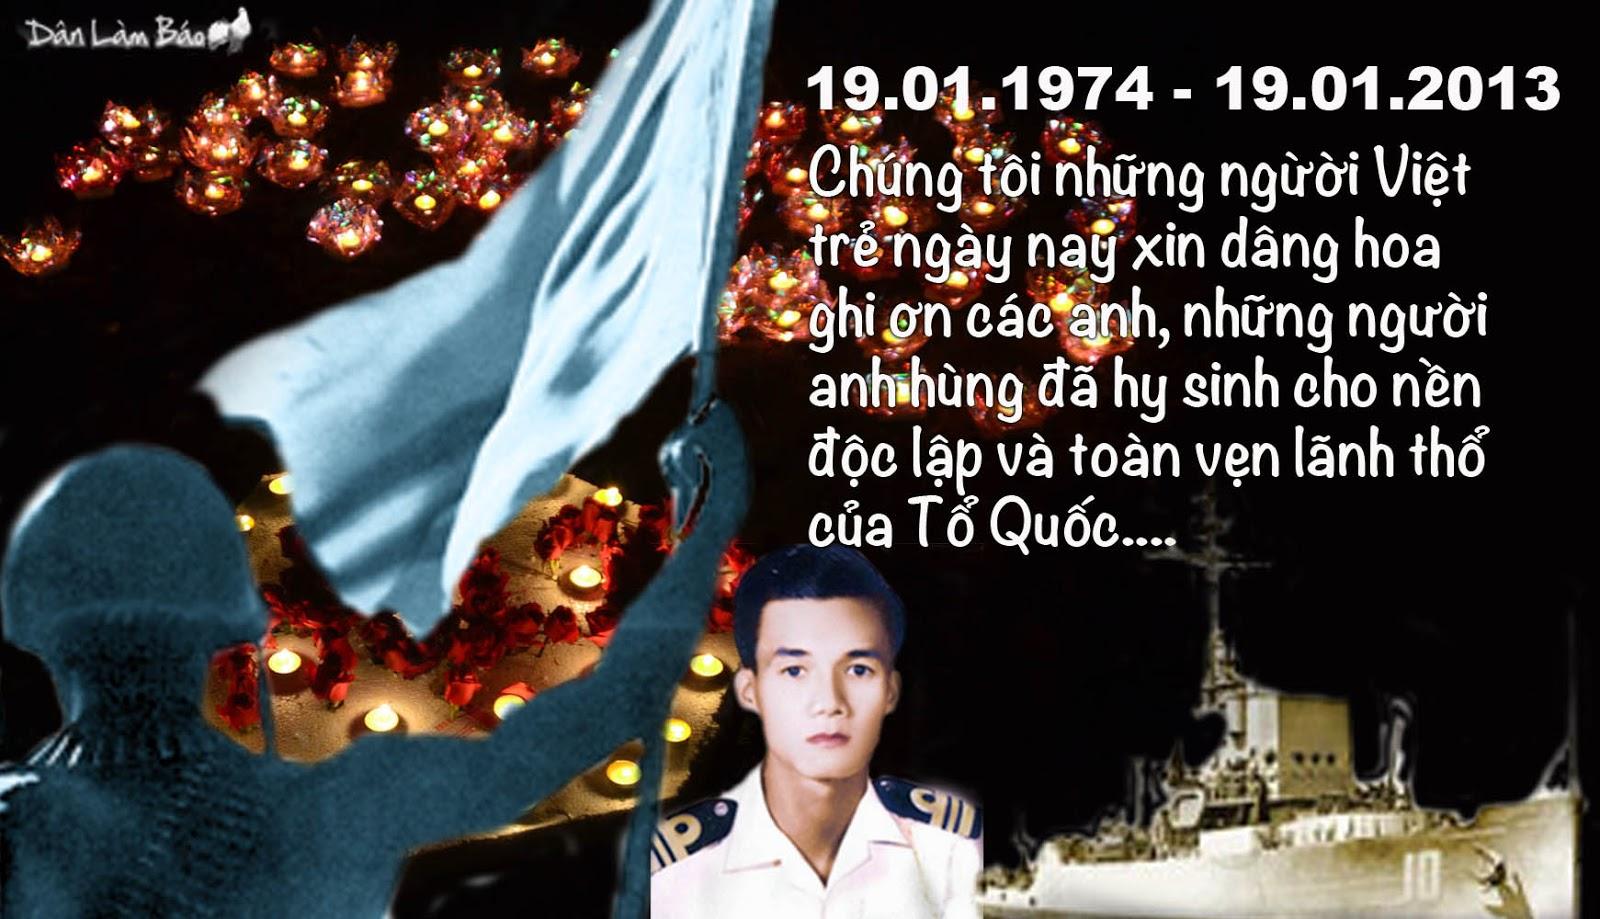 Hoài Vũ Việt - 19 tháng Giêng - Anh hùng tử khí hùng bất